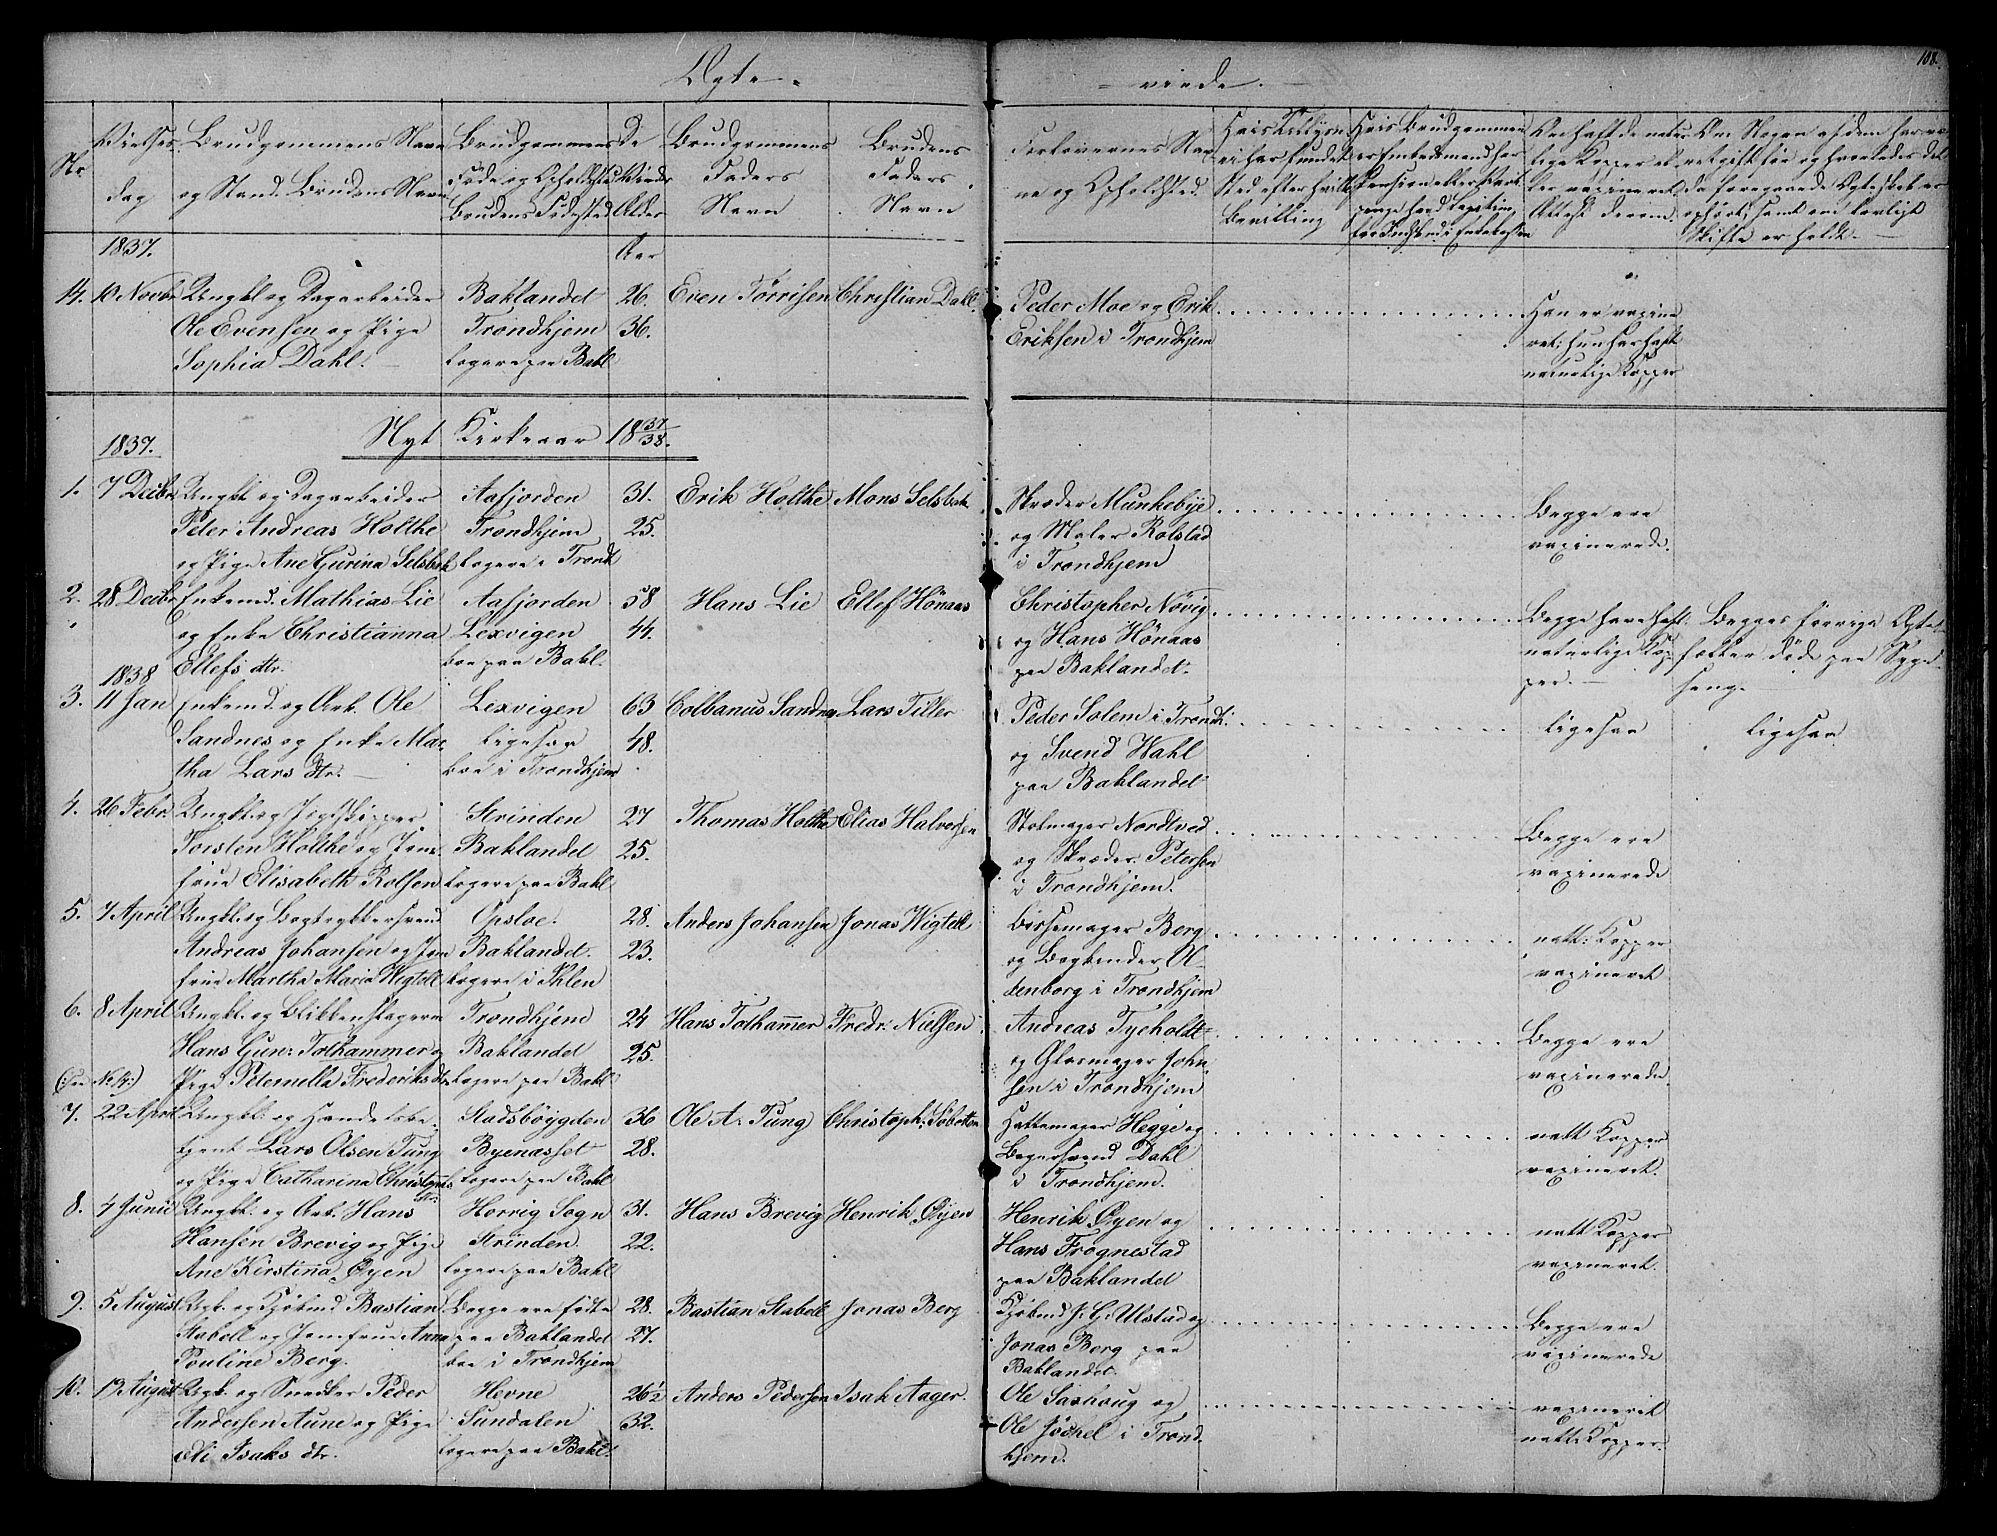 SAT, Ministerialprotokoller, klokkerbøker og fødselsregistre - Sør-Trøndelag, 604/L0182: Ministerialbok nr. 604A03, 1818-1850, s. 108